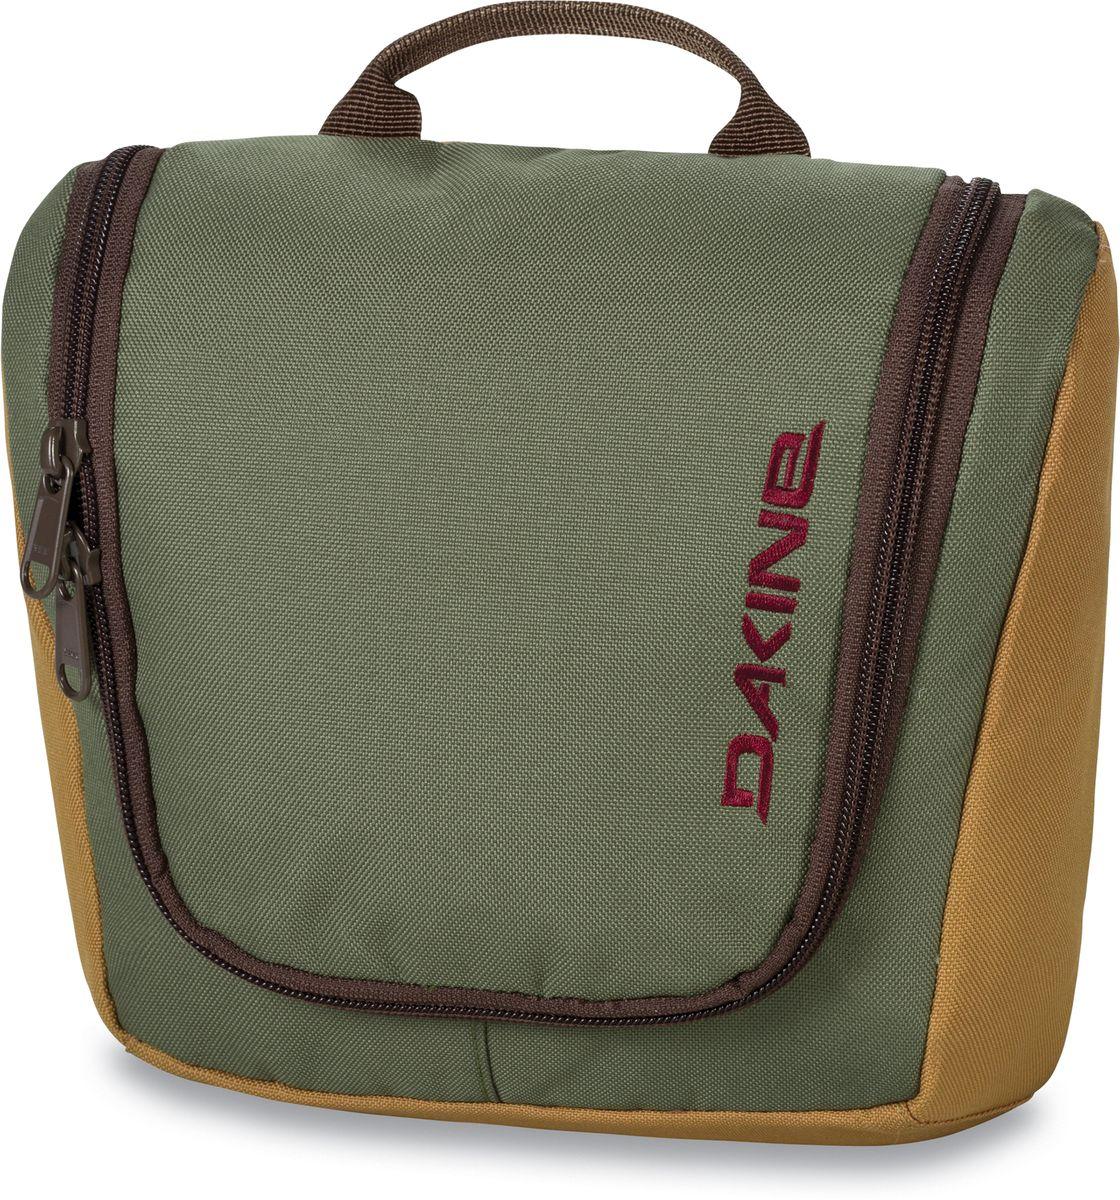 Косметичка дорожная Dakine  Travel Kit , цвет: хаки, 3 л - Несессеры и кошельки